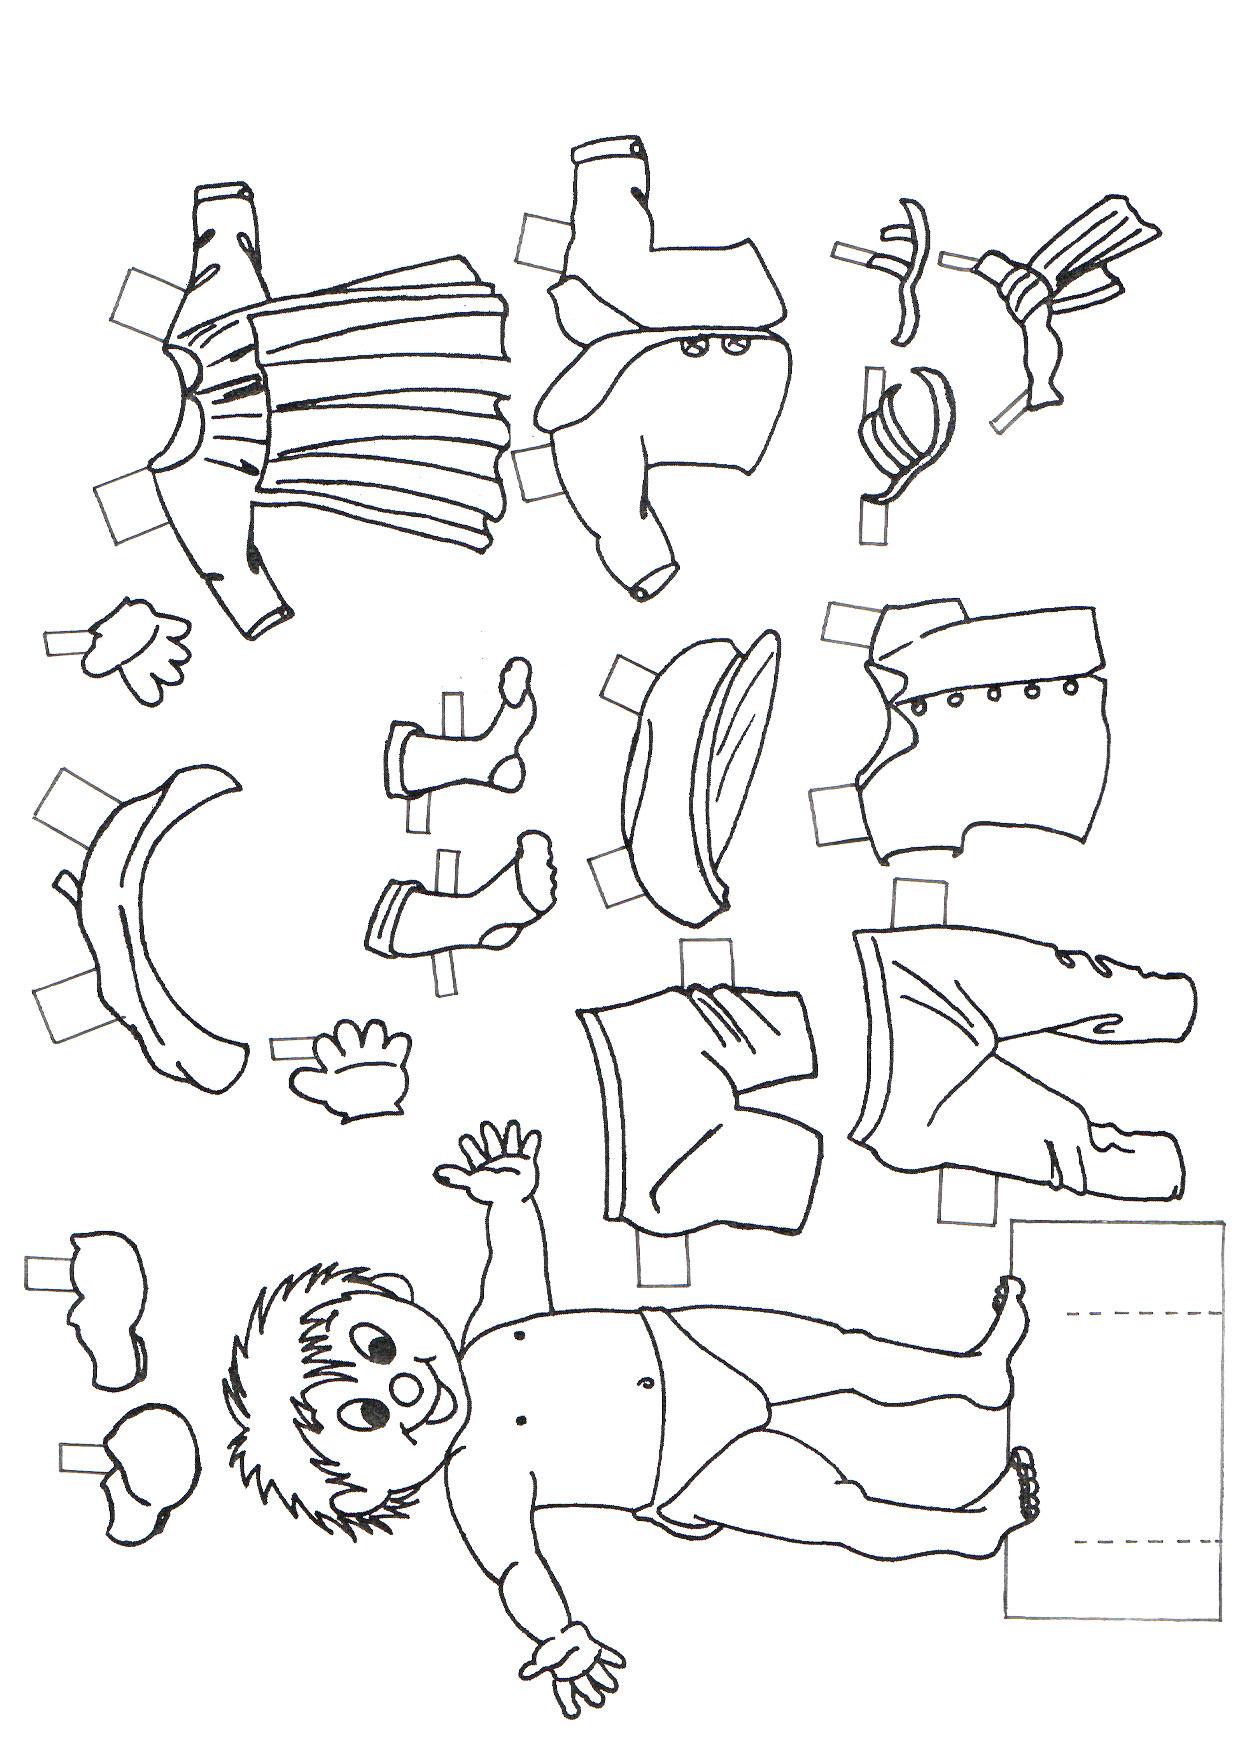 Découpages À Imprimer - Musée De La Tour Nivelle dedans Decoupage A Imprimer Gratuit